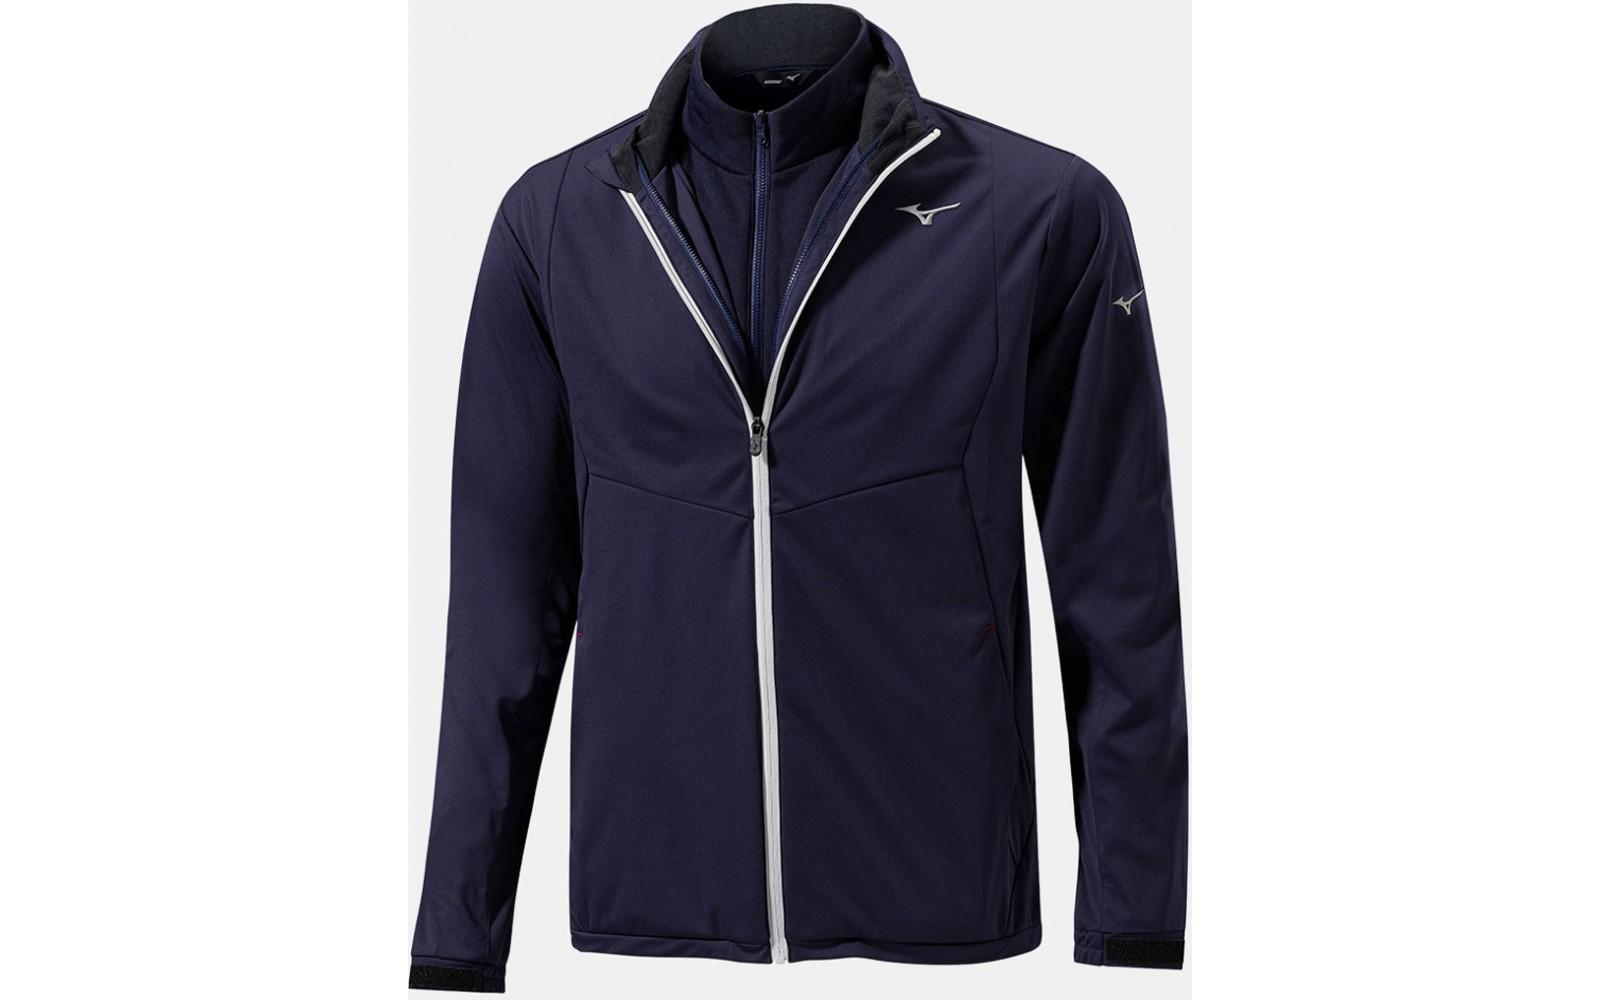 Mizuno 3in1 Jacket